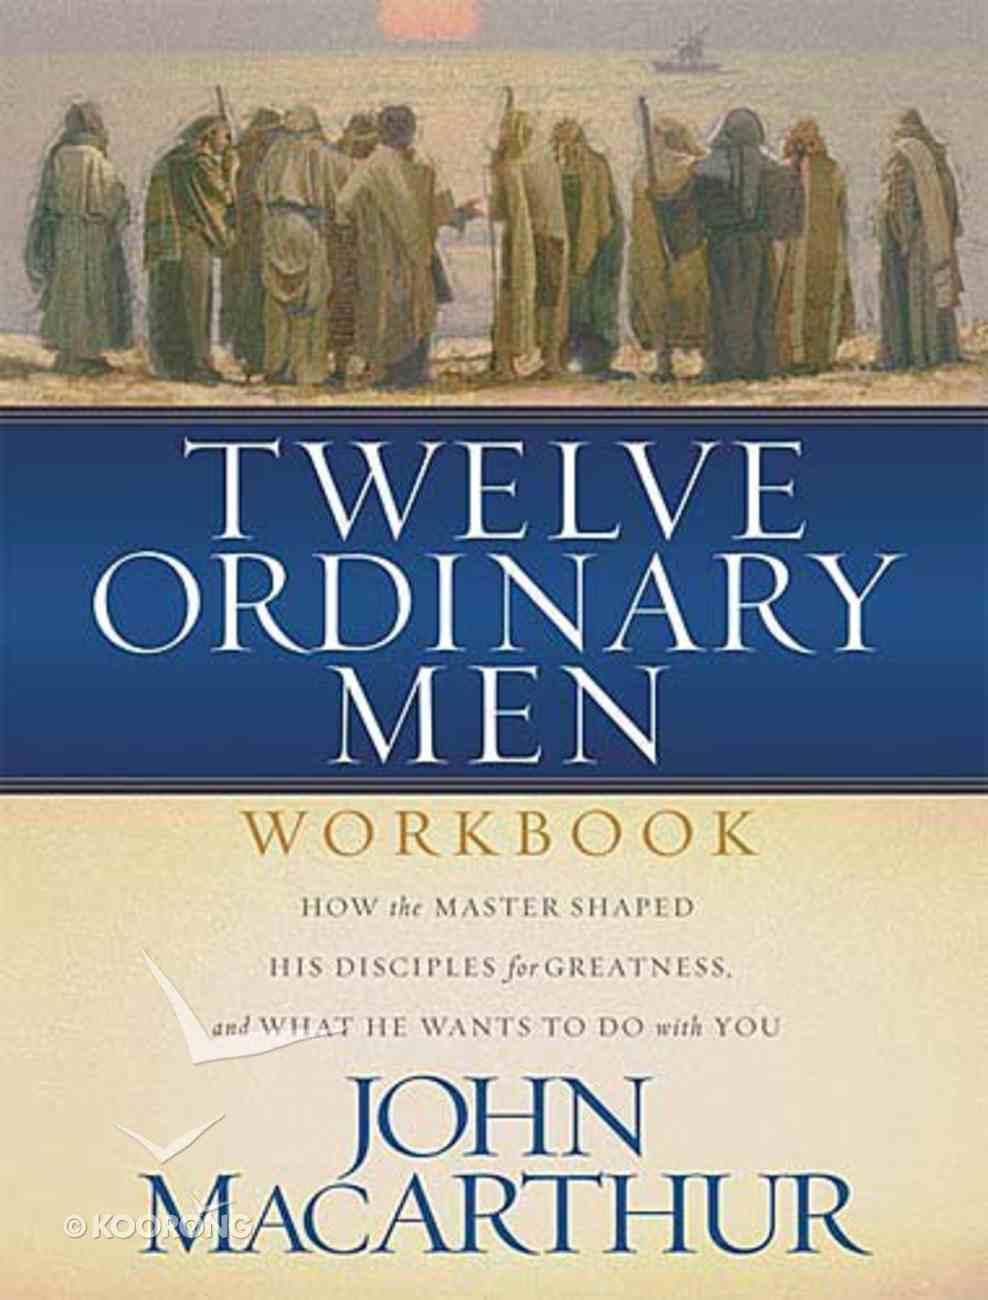 Twelve Ordinary Men (Workbook) Paperback